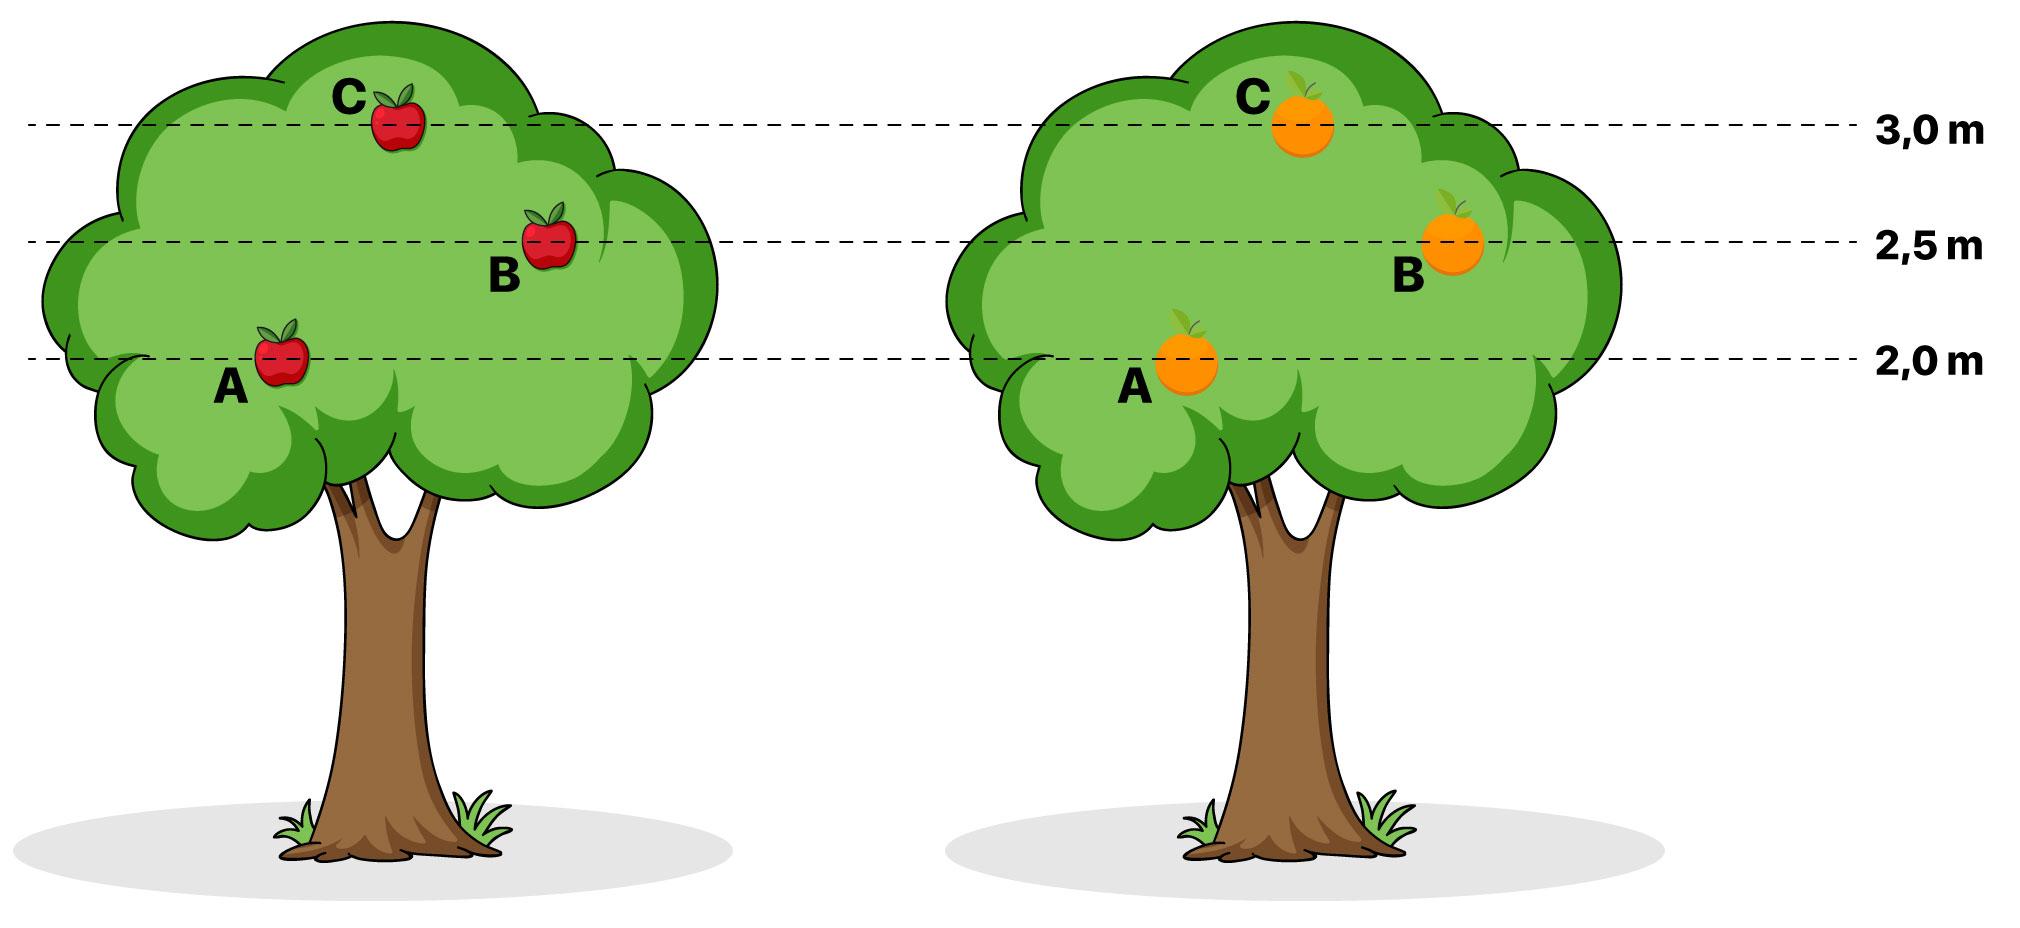 Árvores com maçãs e laranjas na mesma altura